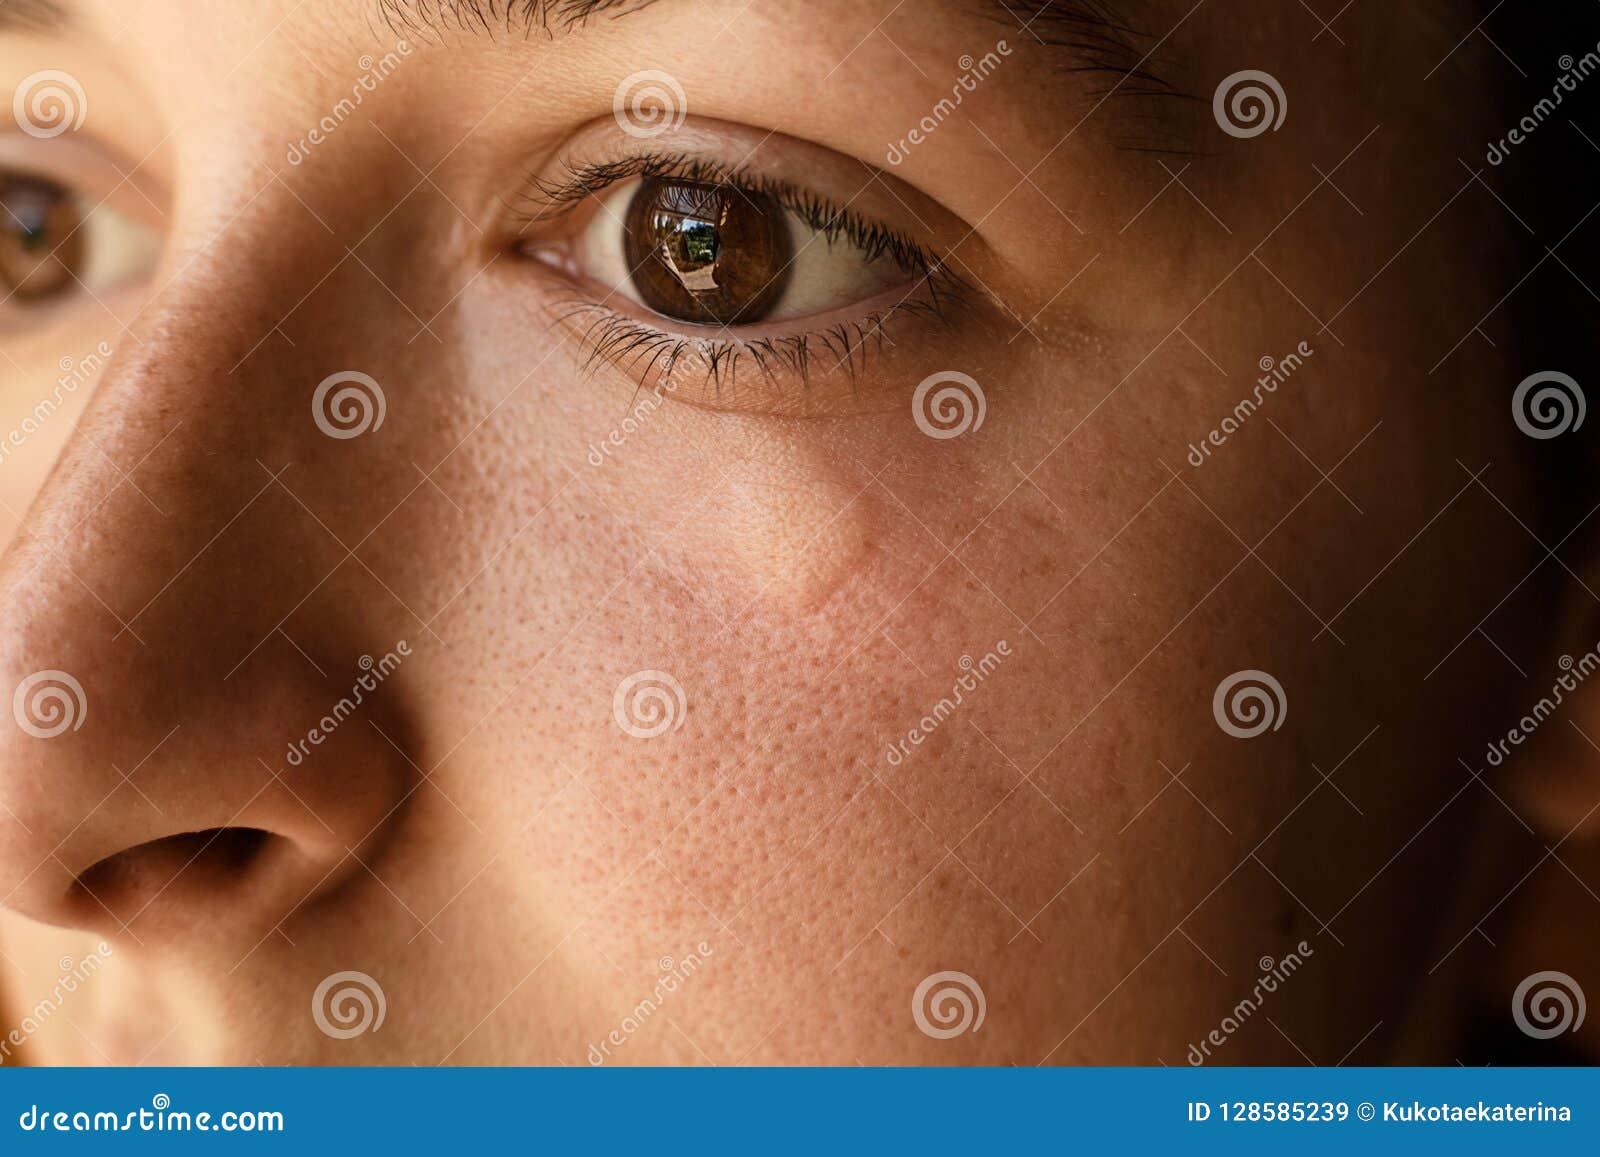 picaduras de insectos en el ojo